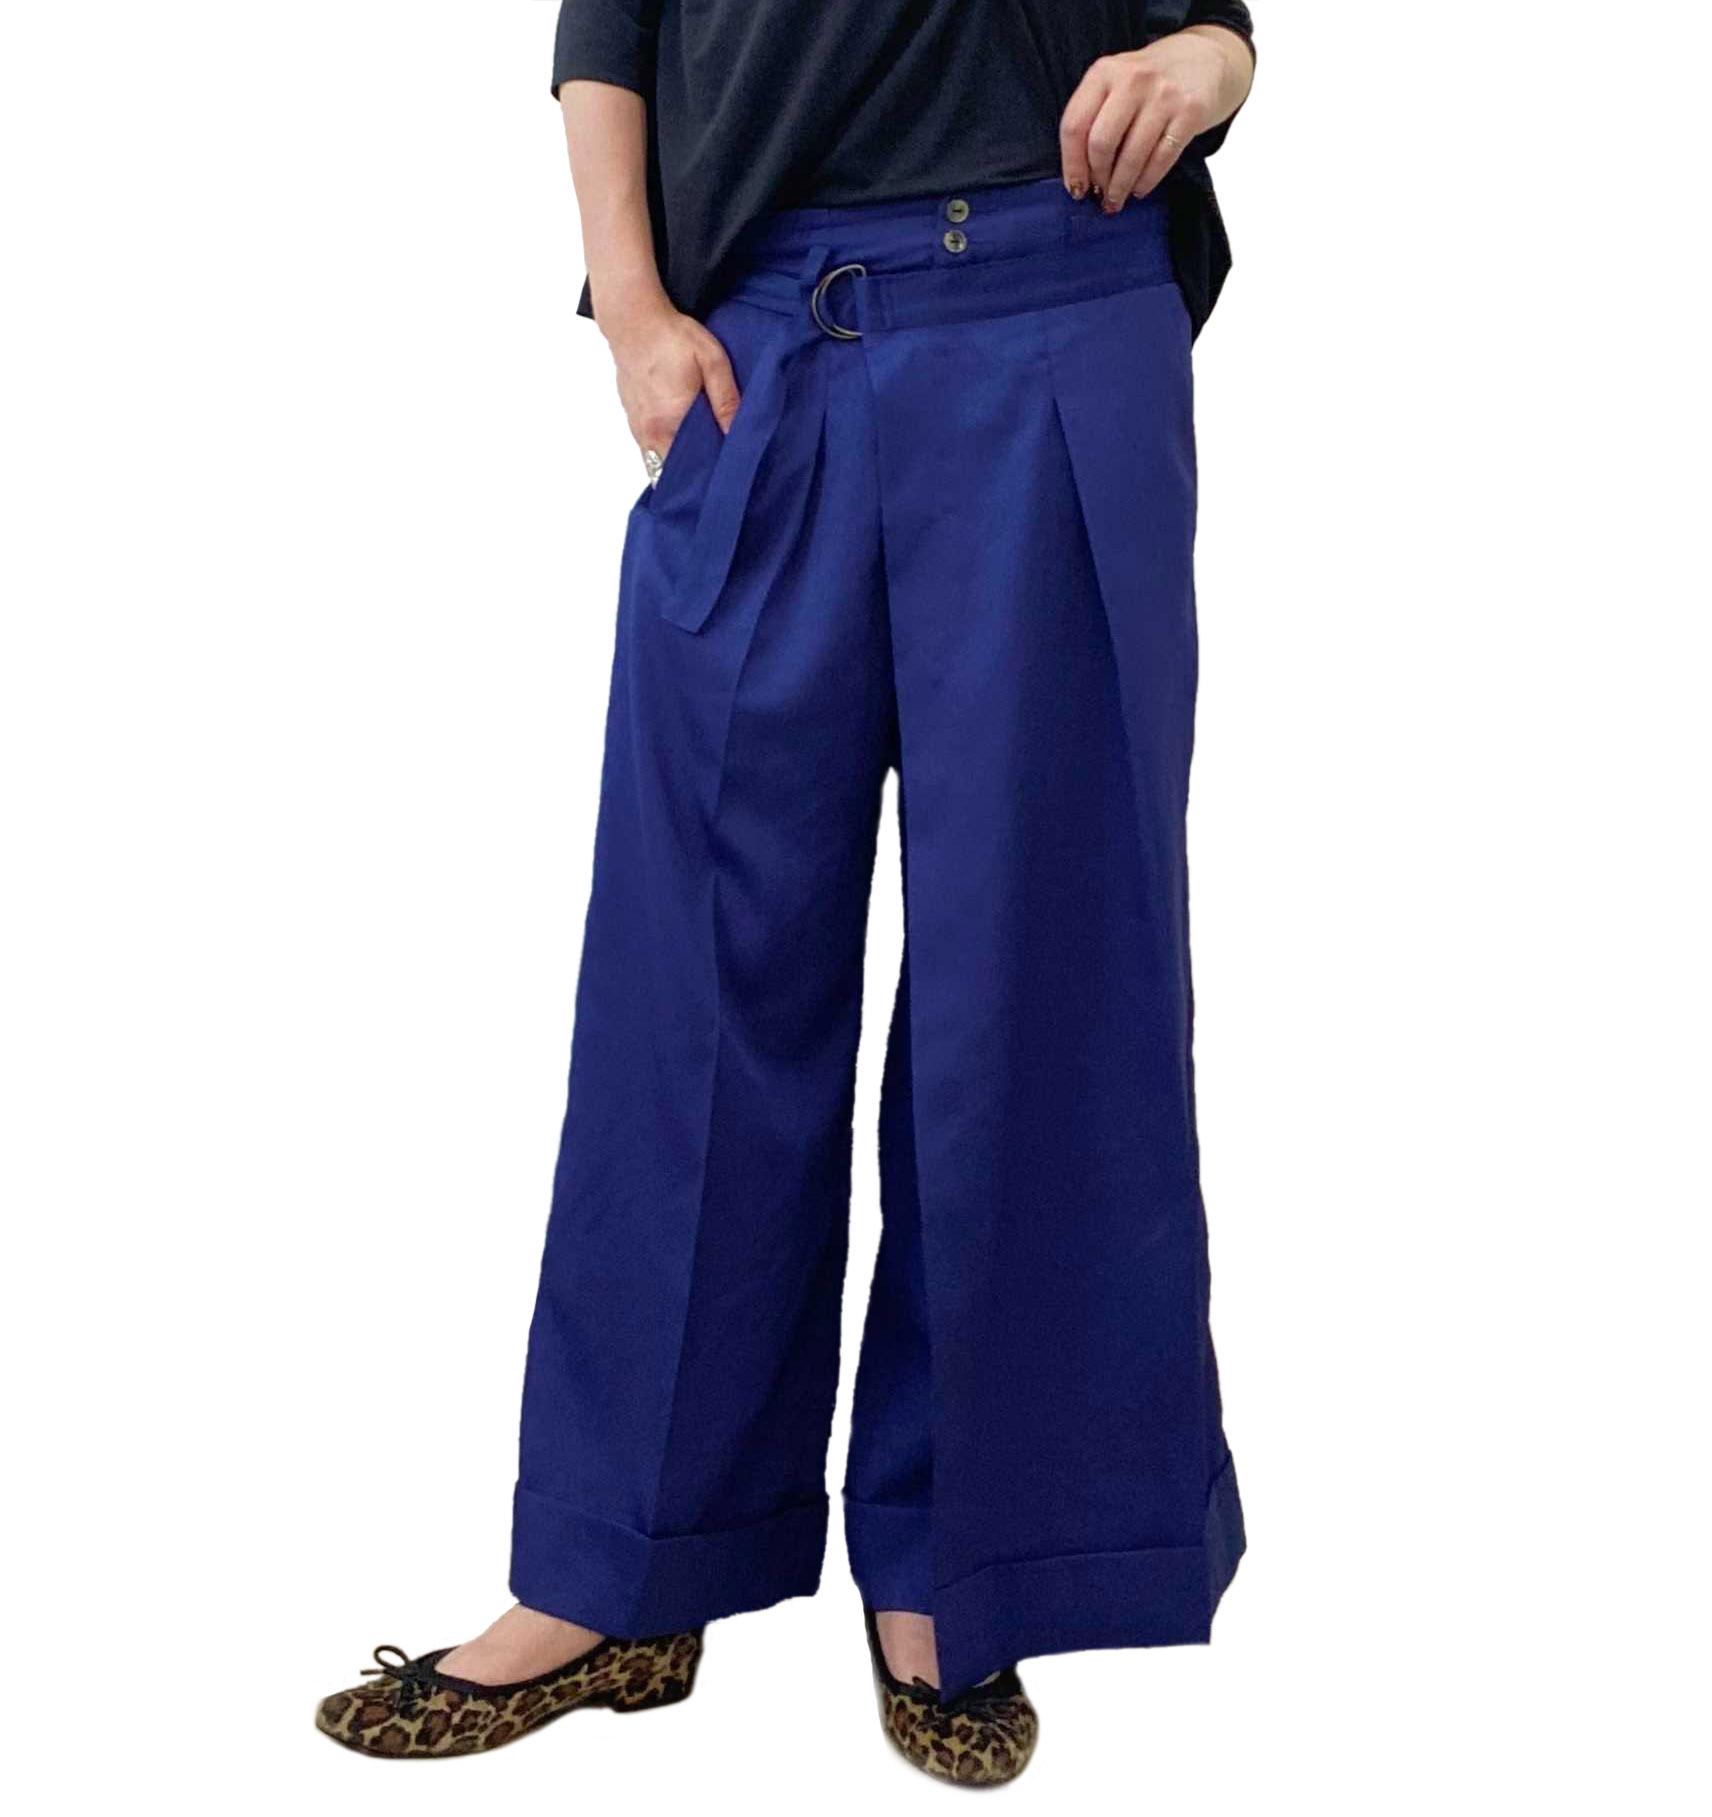 政井マヤさん、Arnevのラップパンツを着用